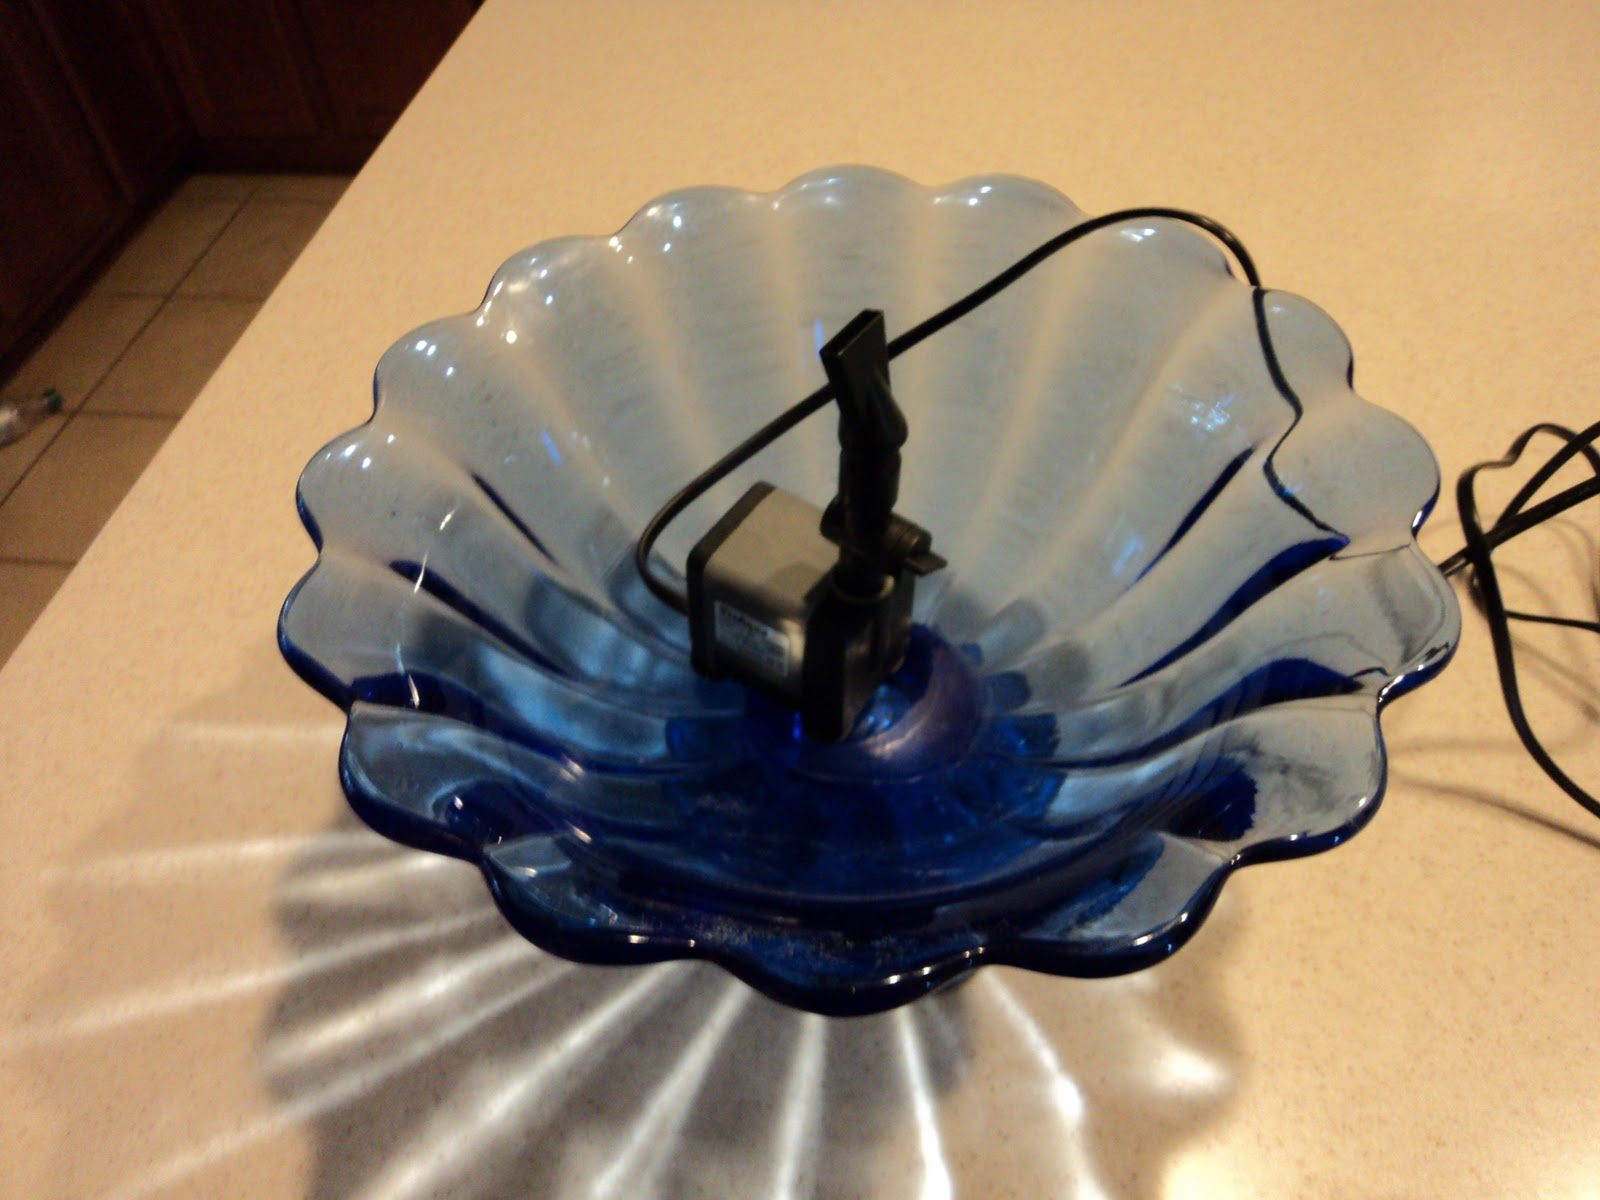 Water Fountain Indoor: Doberman's By The Sea: DIY Indoor Water Fountain